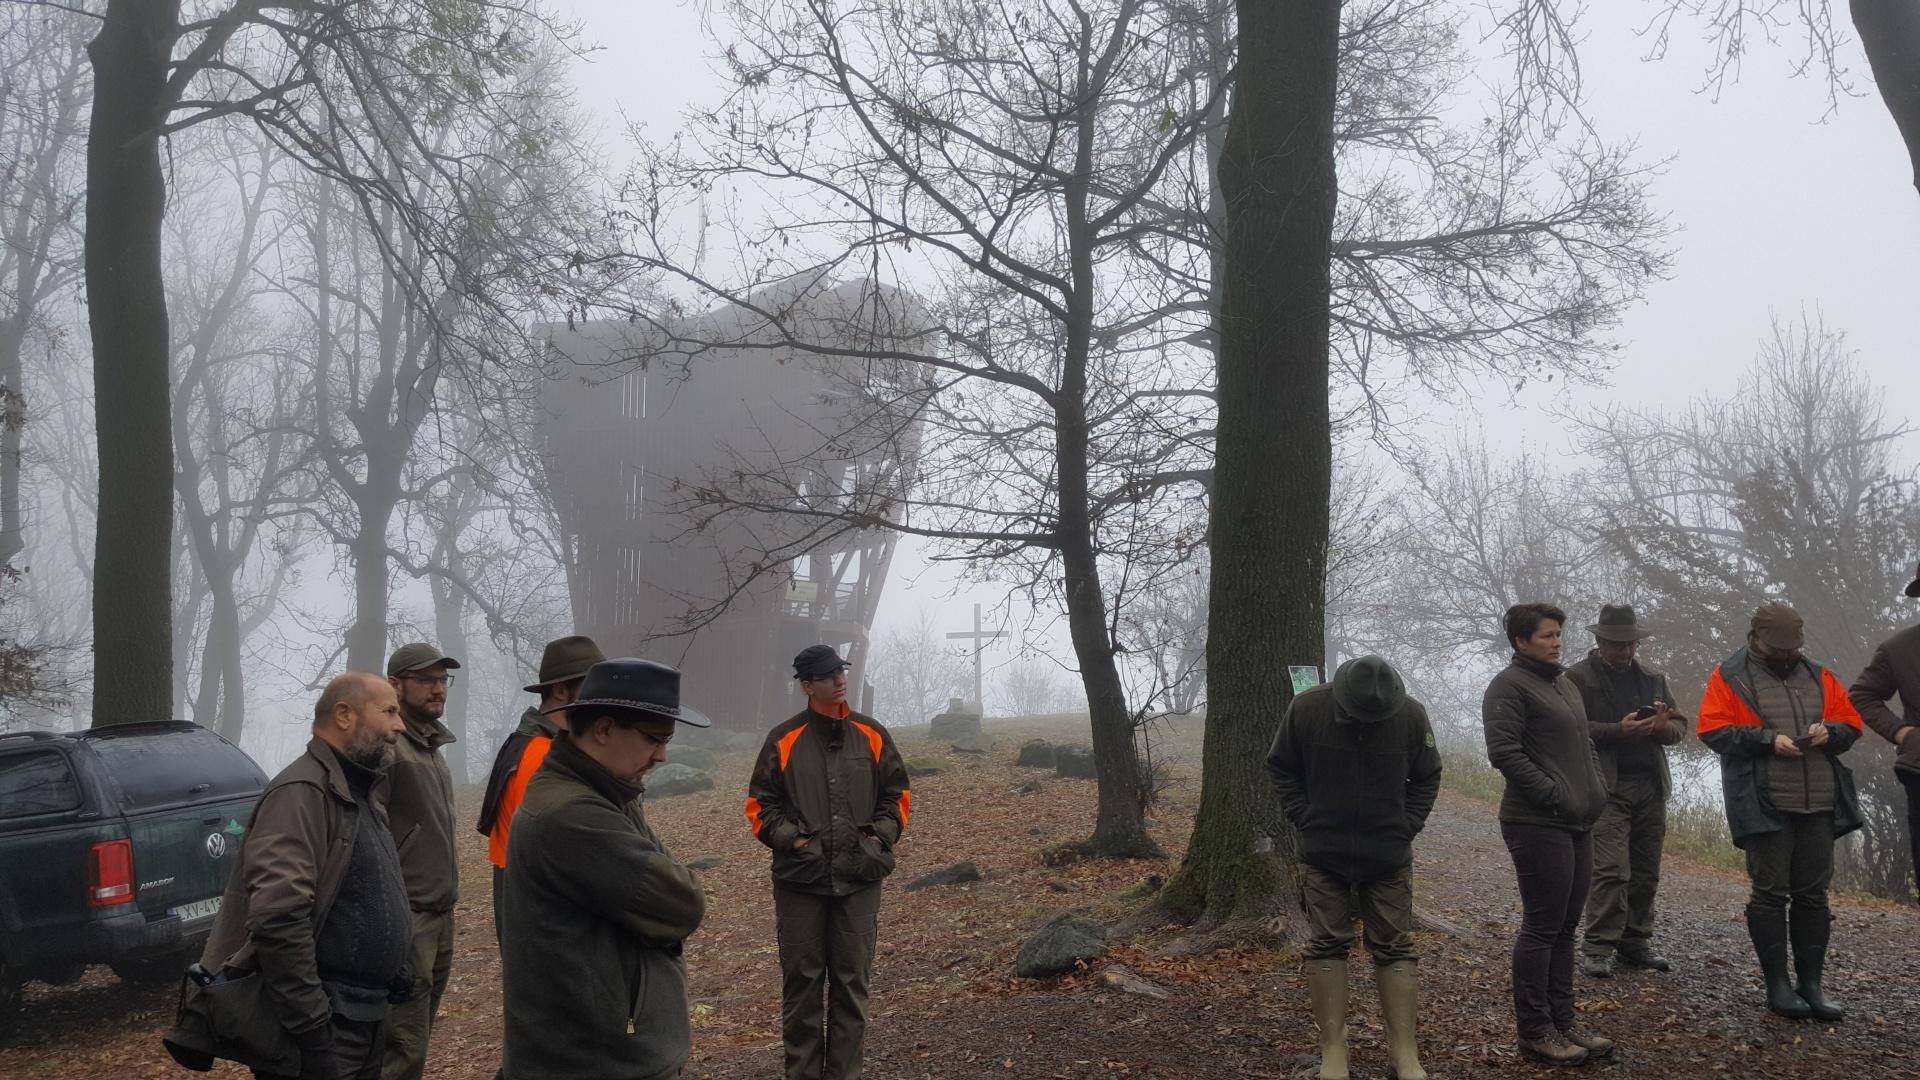 Erdőfeltárási és Erdőművelési Szakosztályok a Pilisi Parkerdő Zrt.-nél